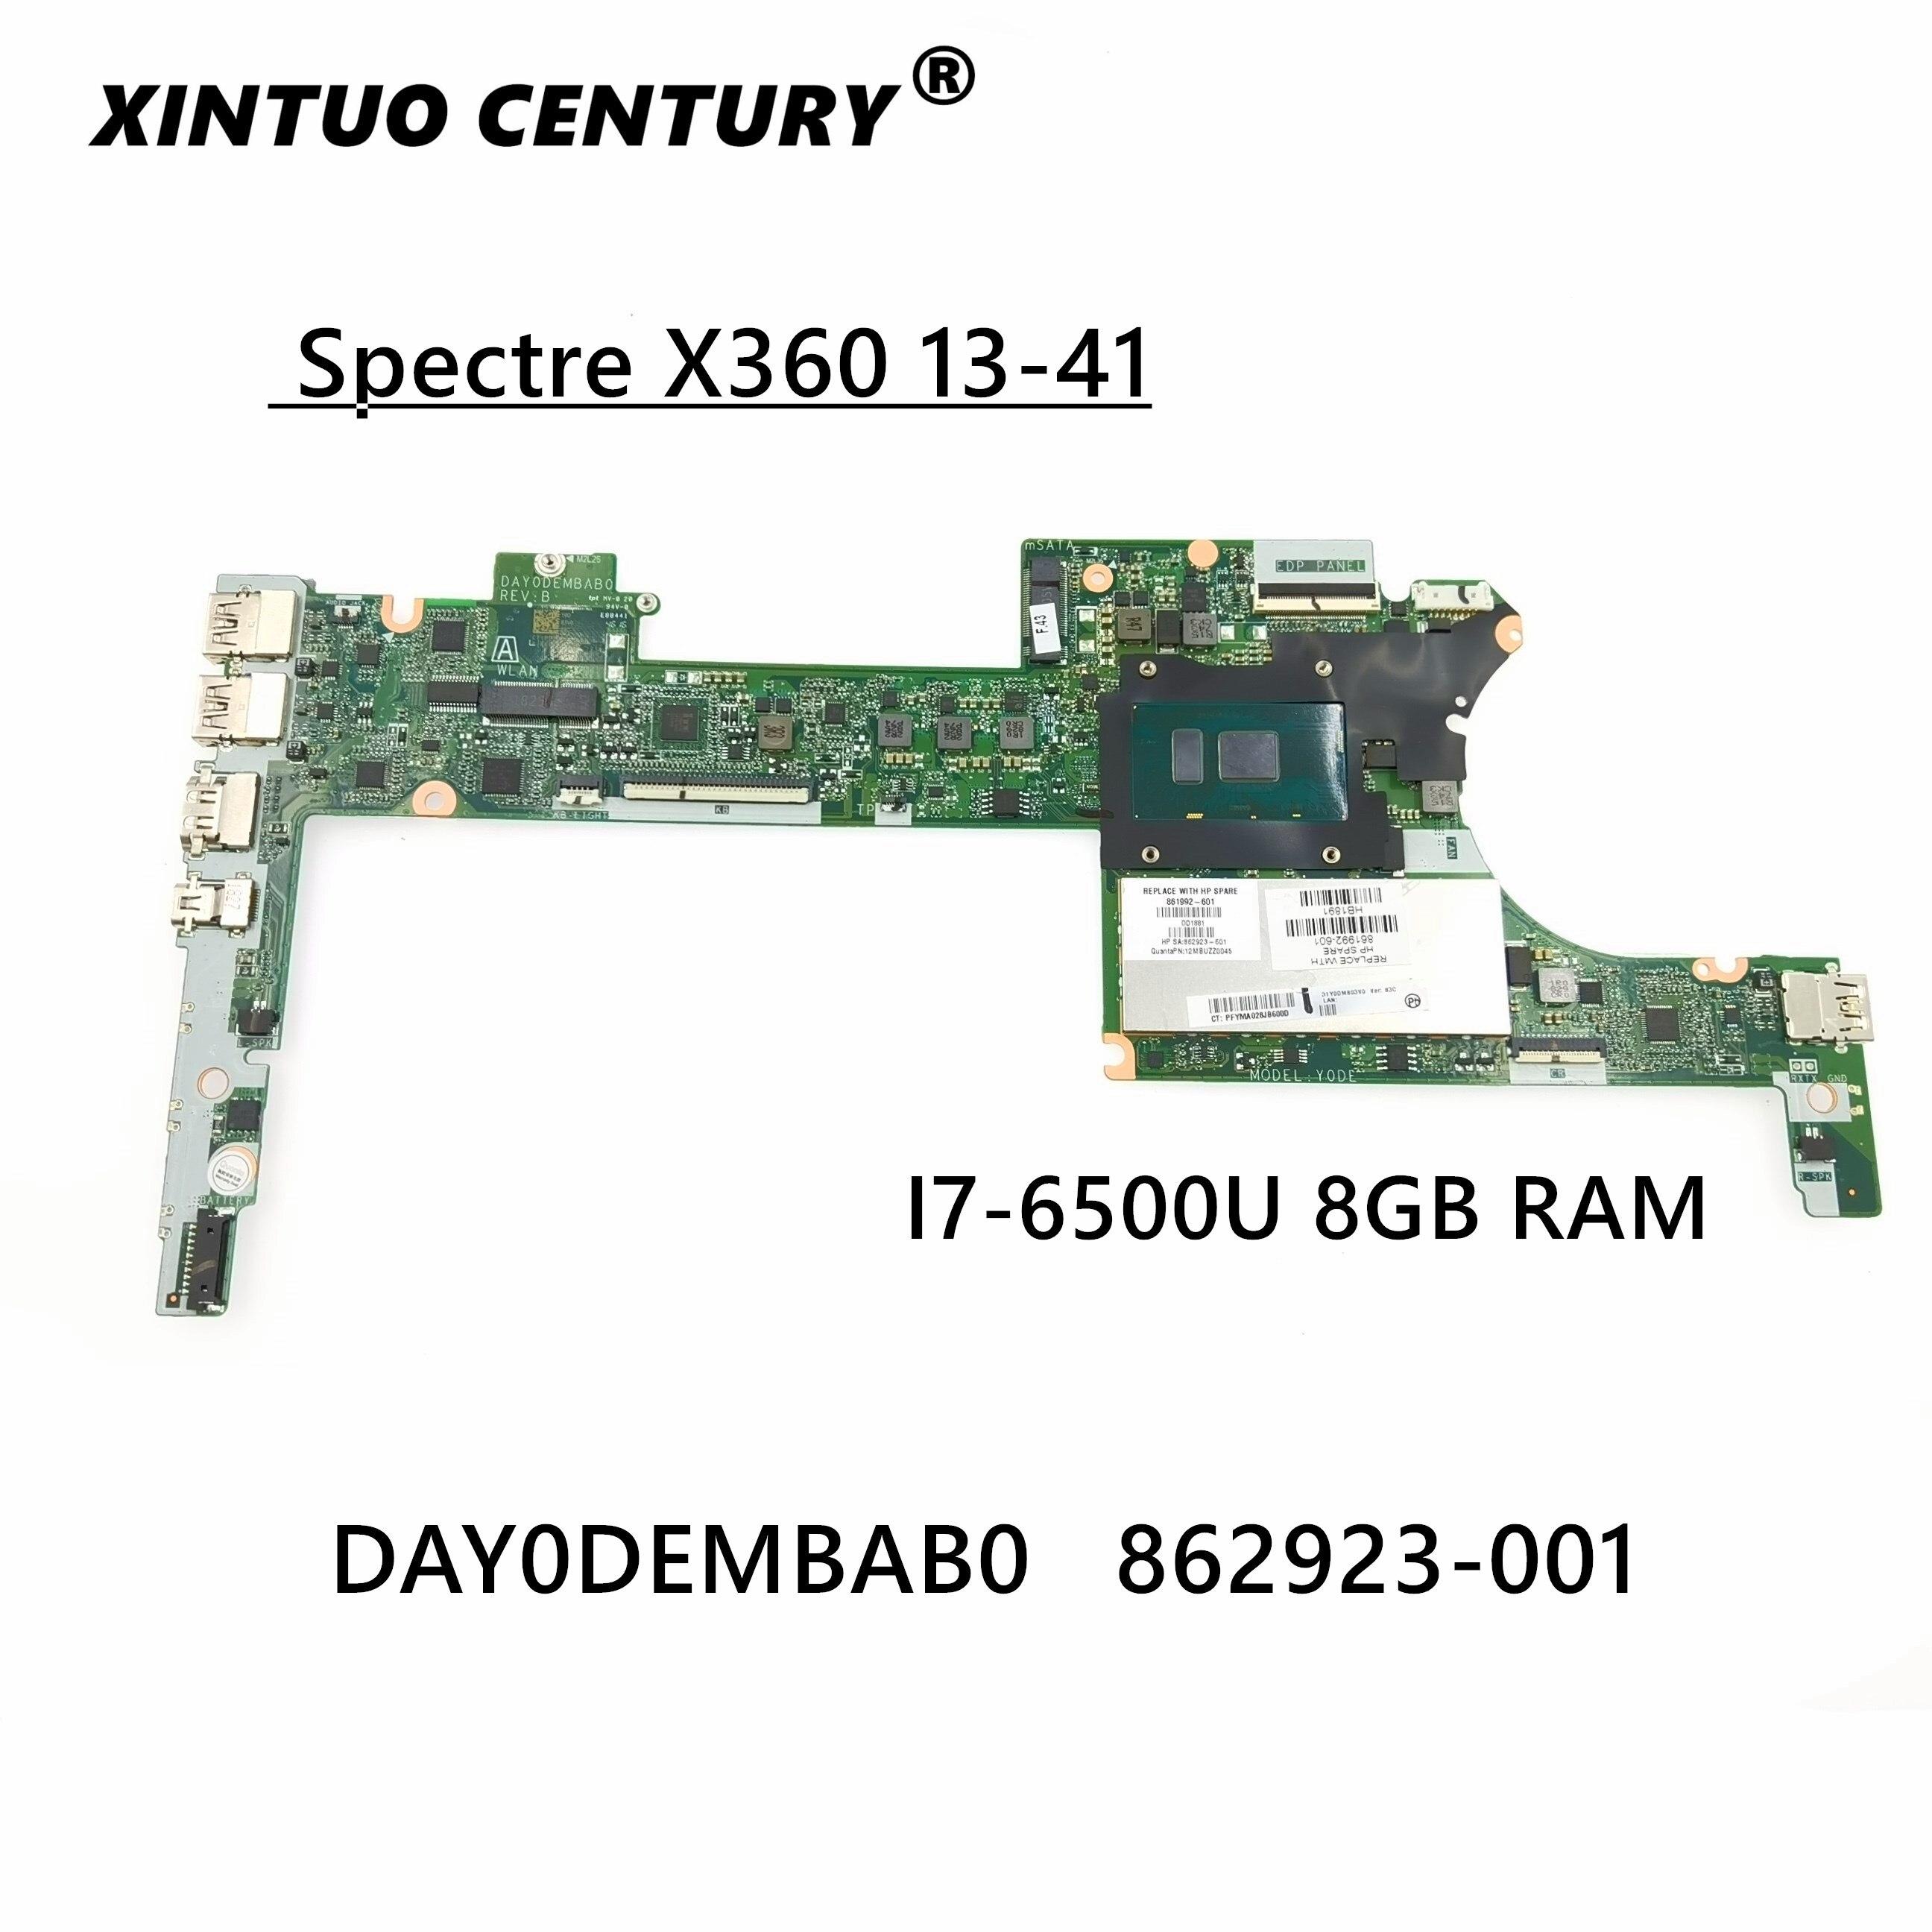 ل HP شبح X360 13-41 DAY0DEMBAB0 862923-601 862923-001 اللوحة المحمول SR2EZ I7-6500U 8G